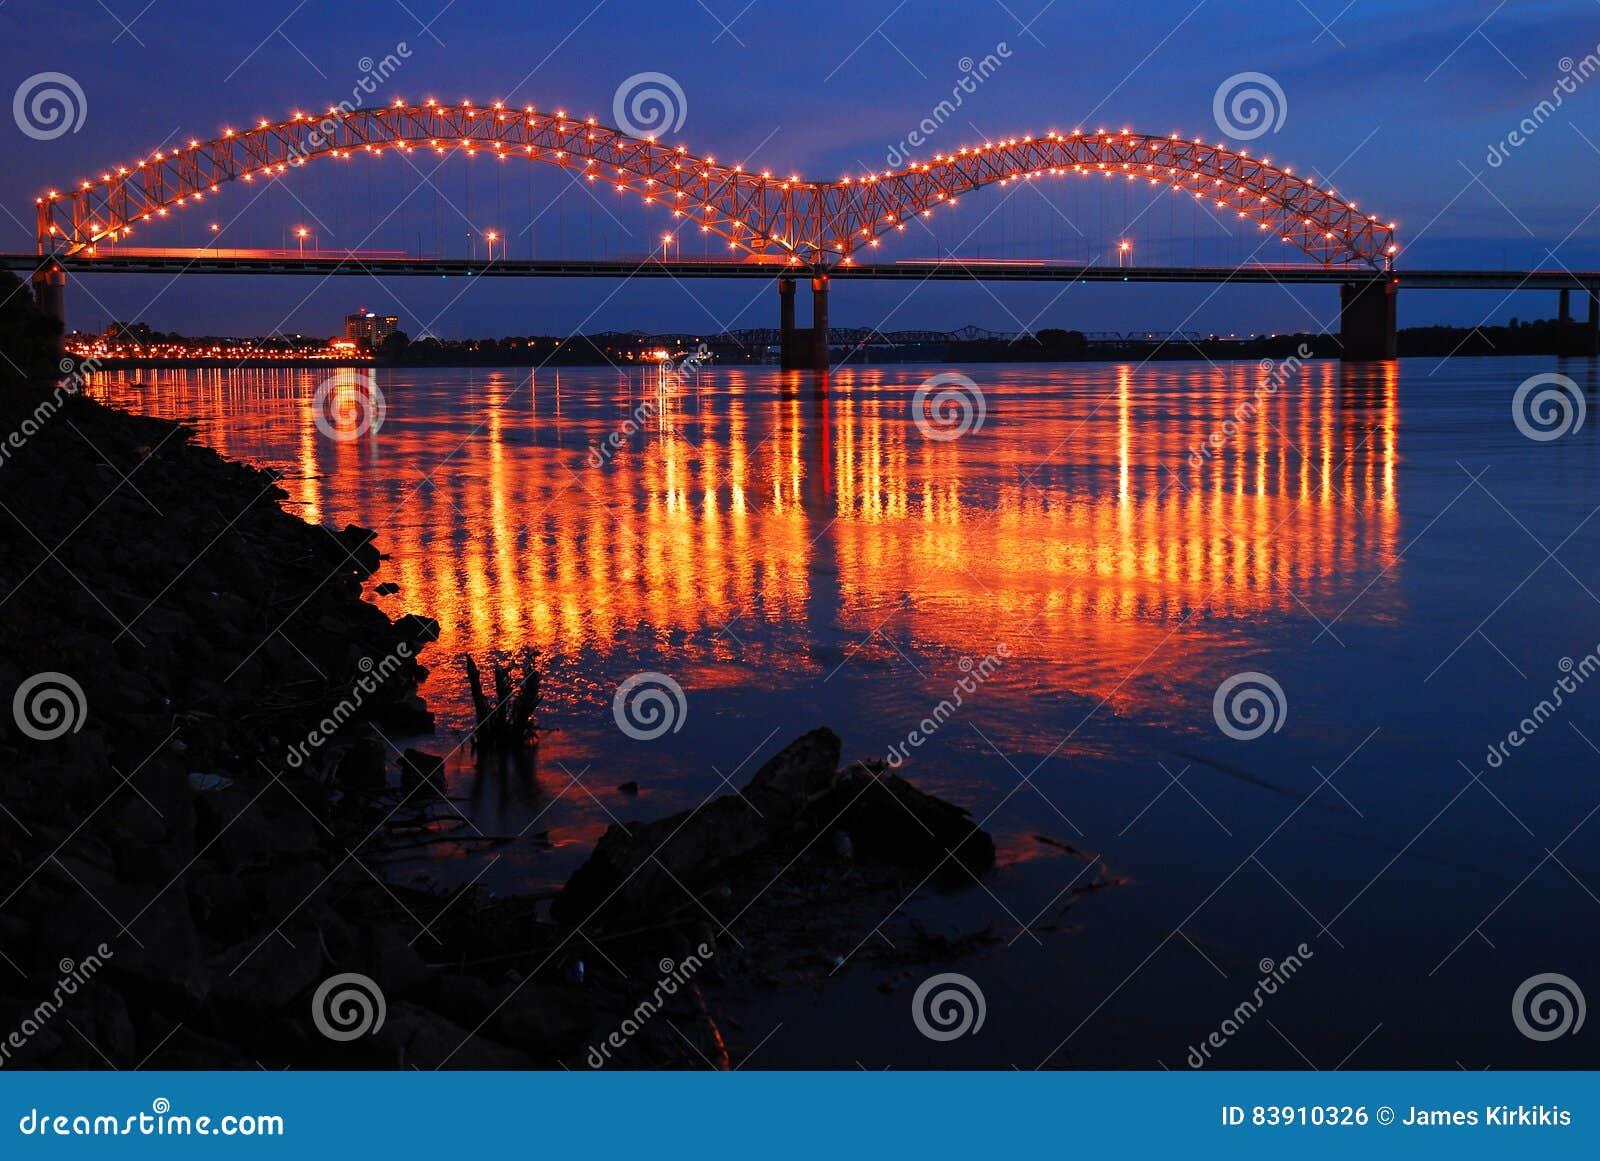 Reflexionen auf dem Fluss